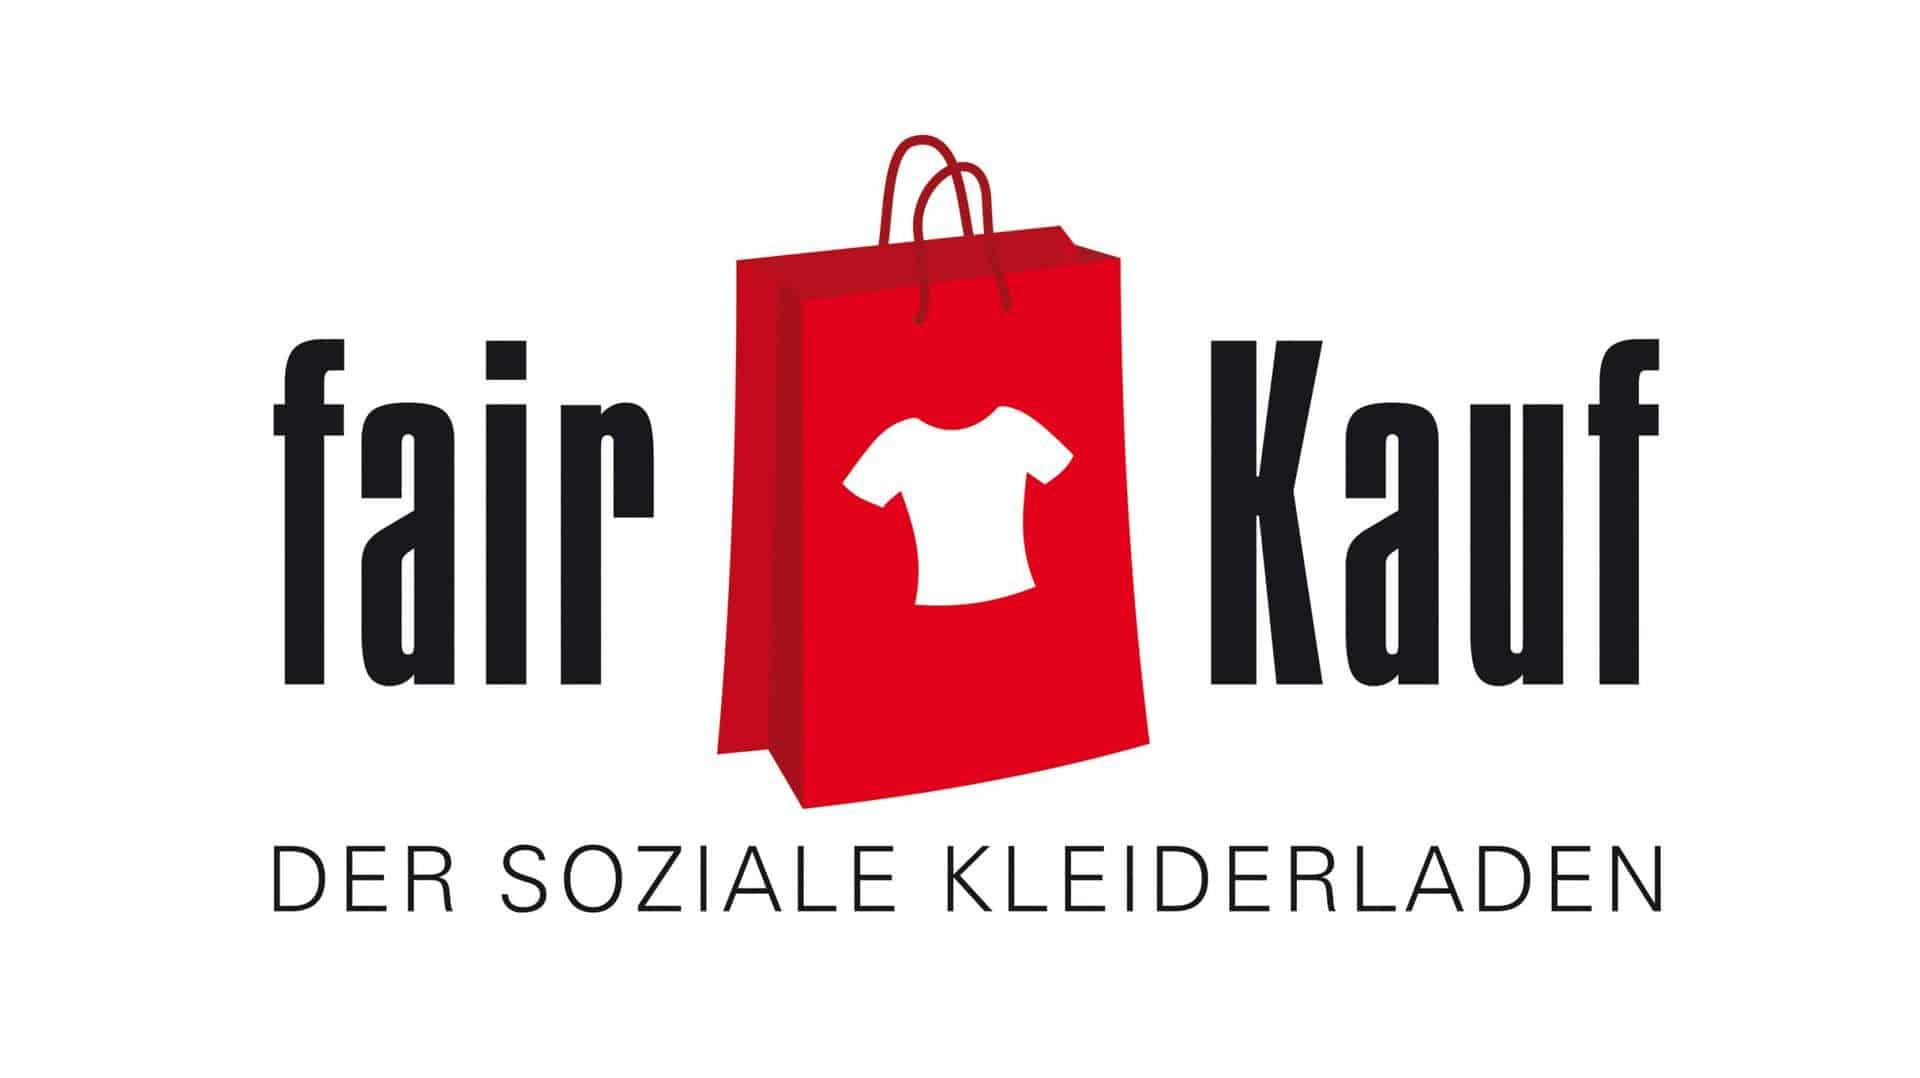 FairKauf - Sozialer Kleiderladen der AWO Reutlingen